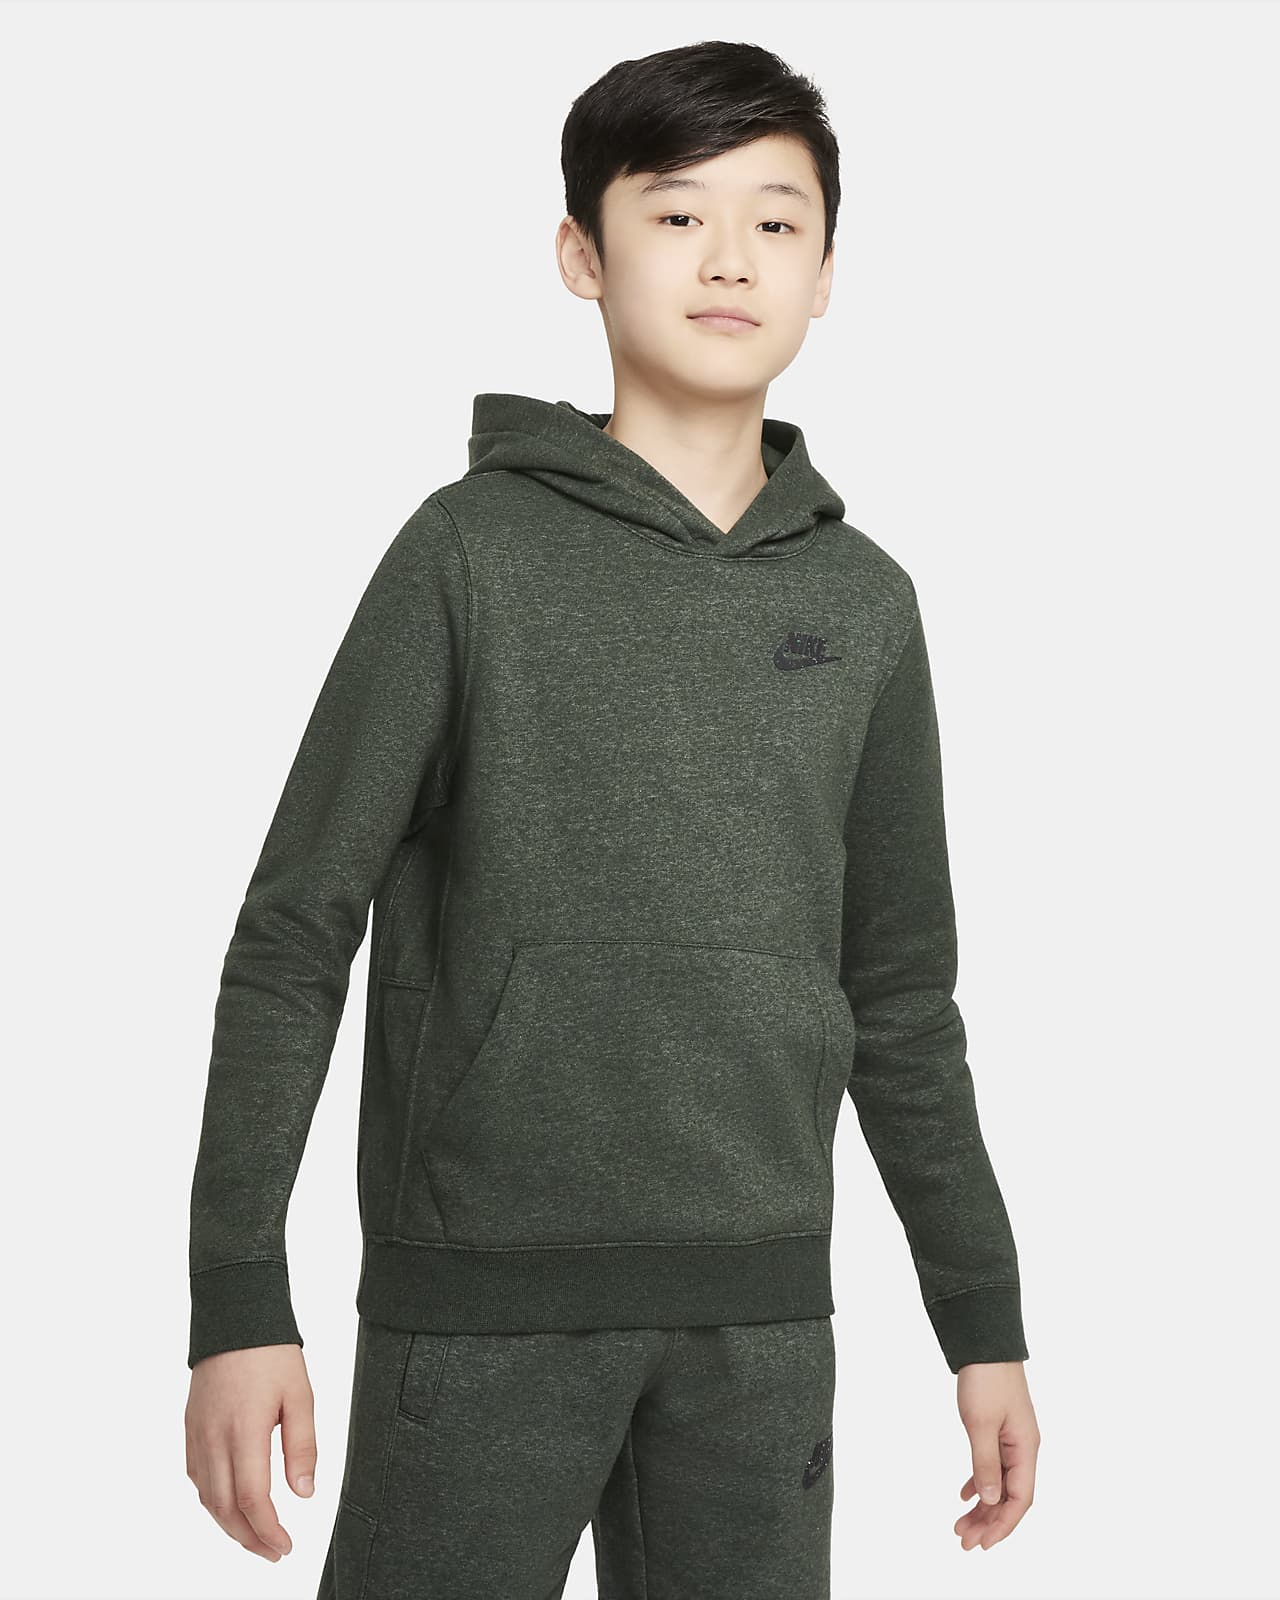 Nike Sportswear Zero kapucnis, belebújós pulóver nagyobb gyerekeknek